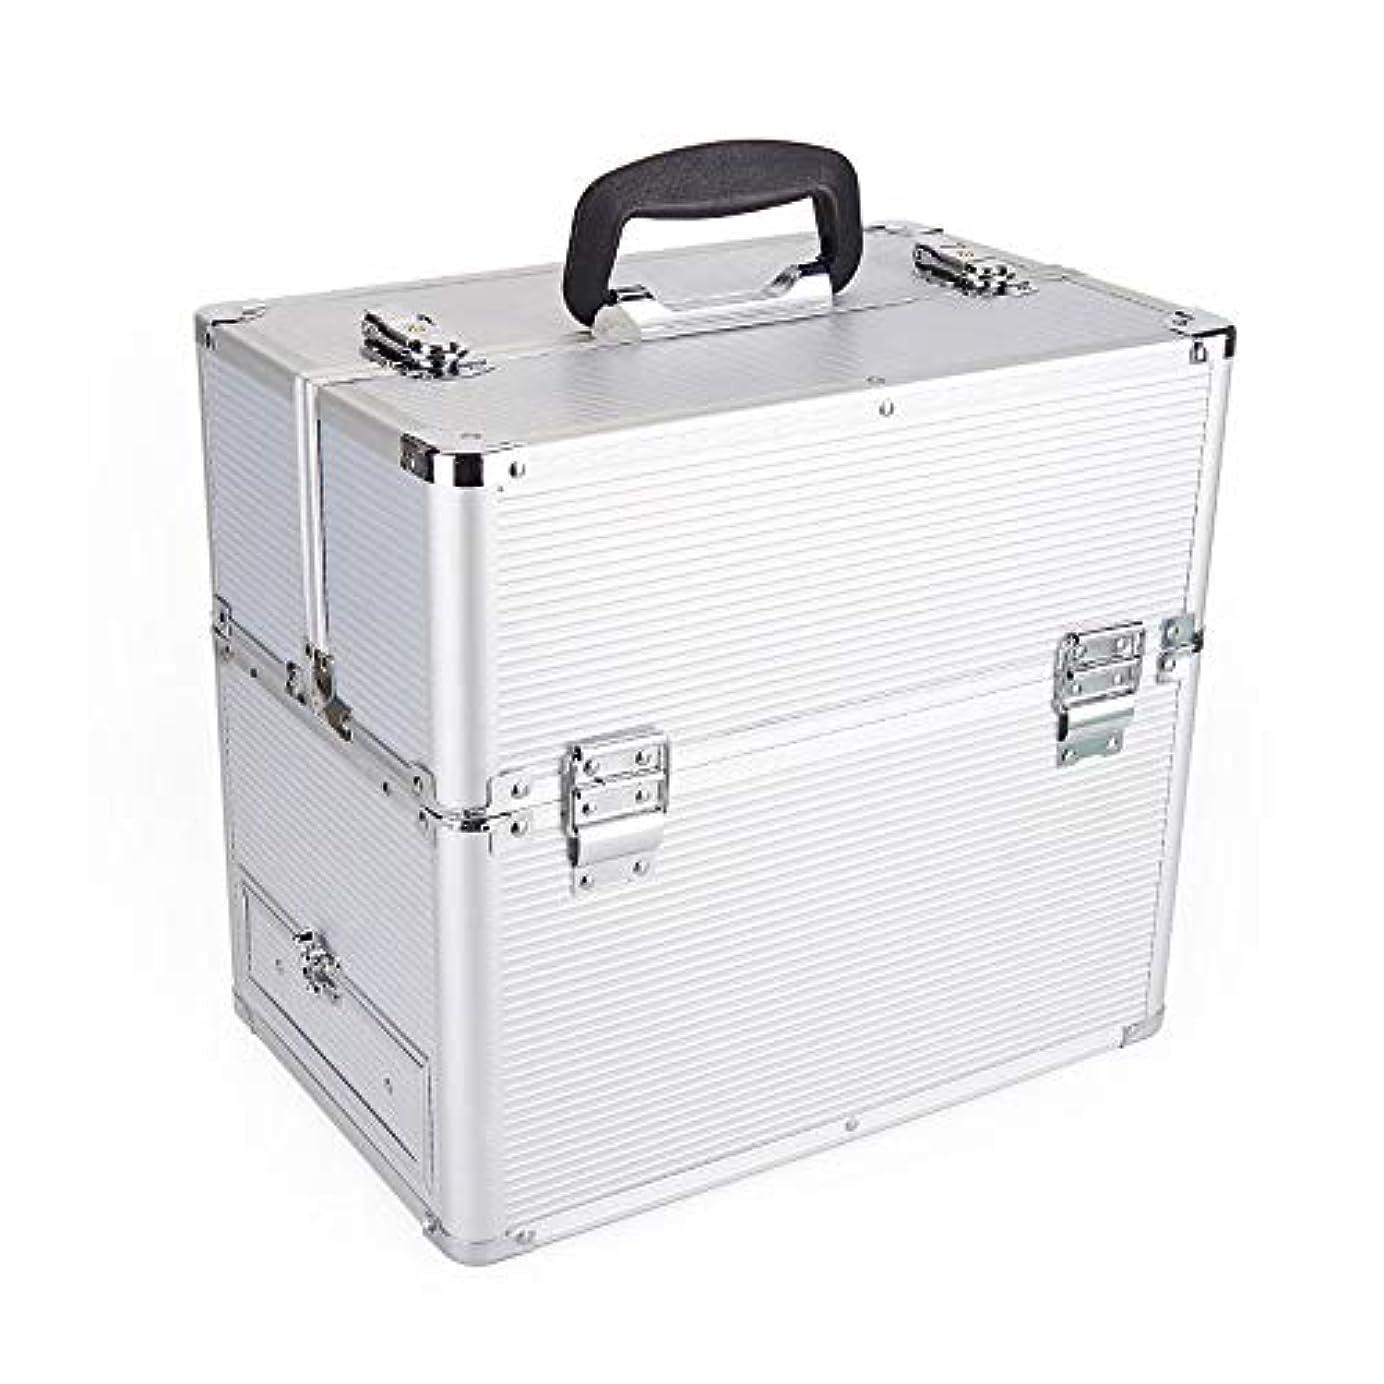 谷命令驚くばかり化粧オーガナイザーバッグ 2つの層アルミニウム化粧箱オーガナイザーバニティロック可能な美容メイクアップネイルジュエリーポータブルケース収納ボックス 化粧品ケース